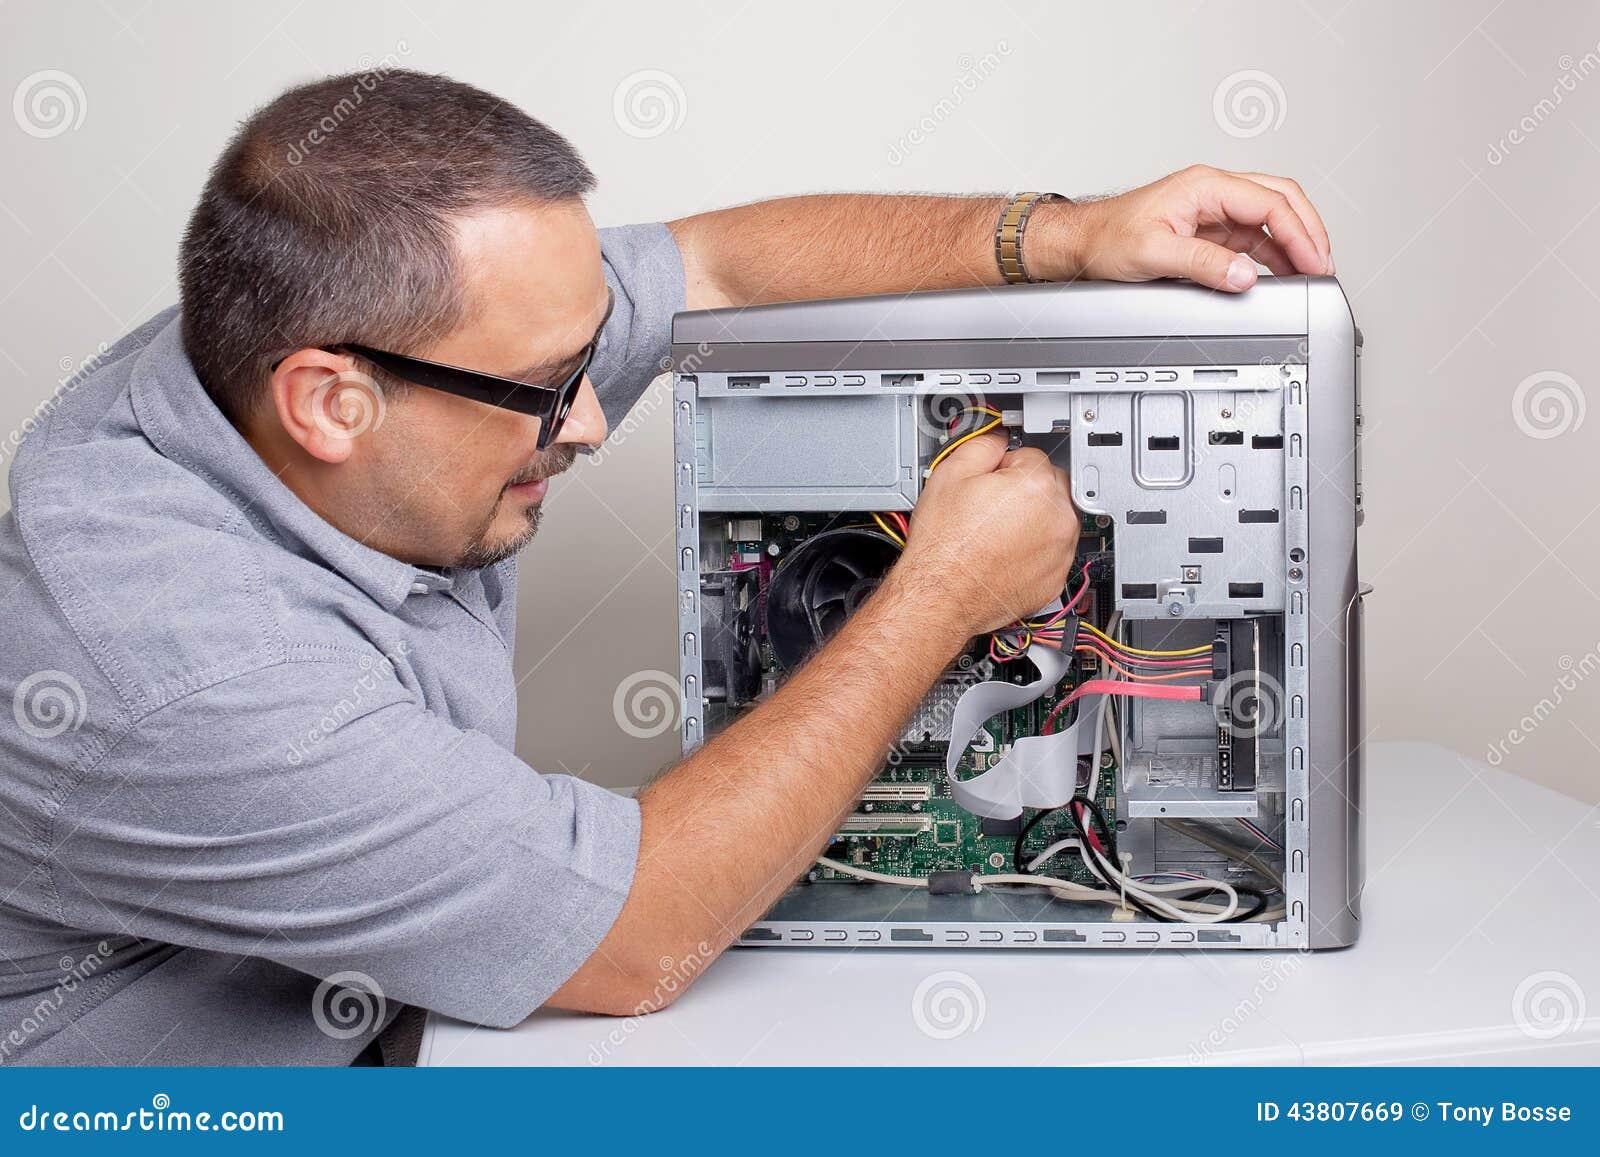 Computer technician business plan